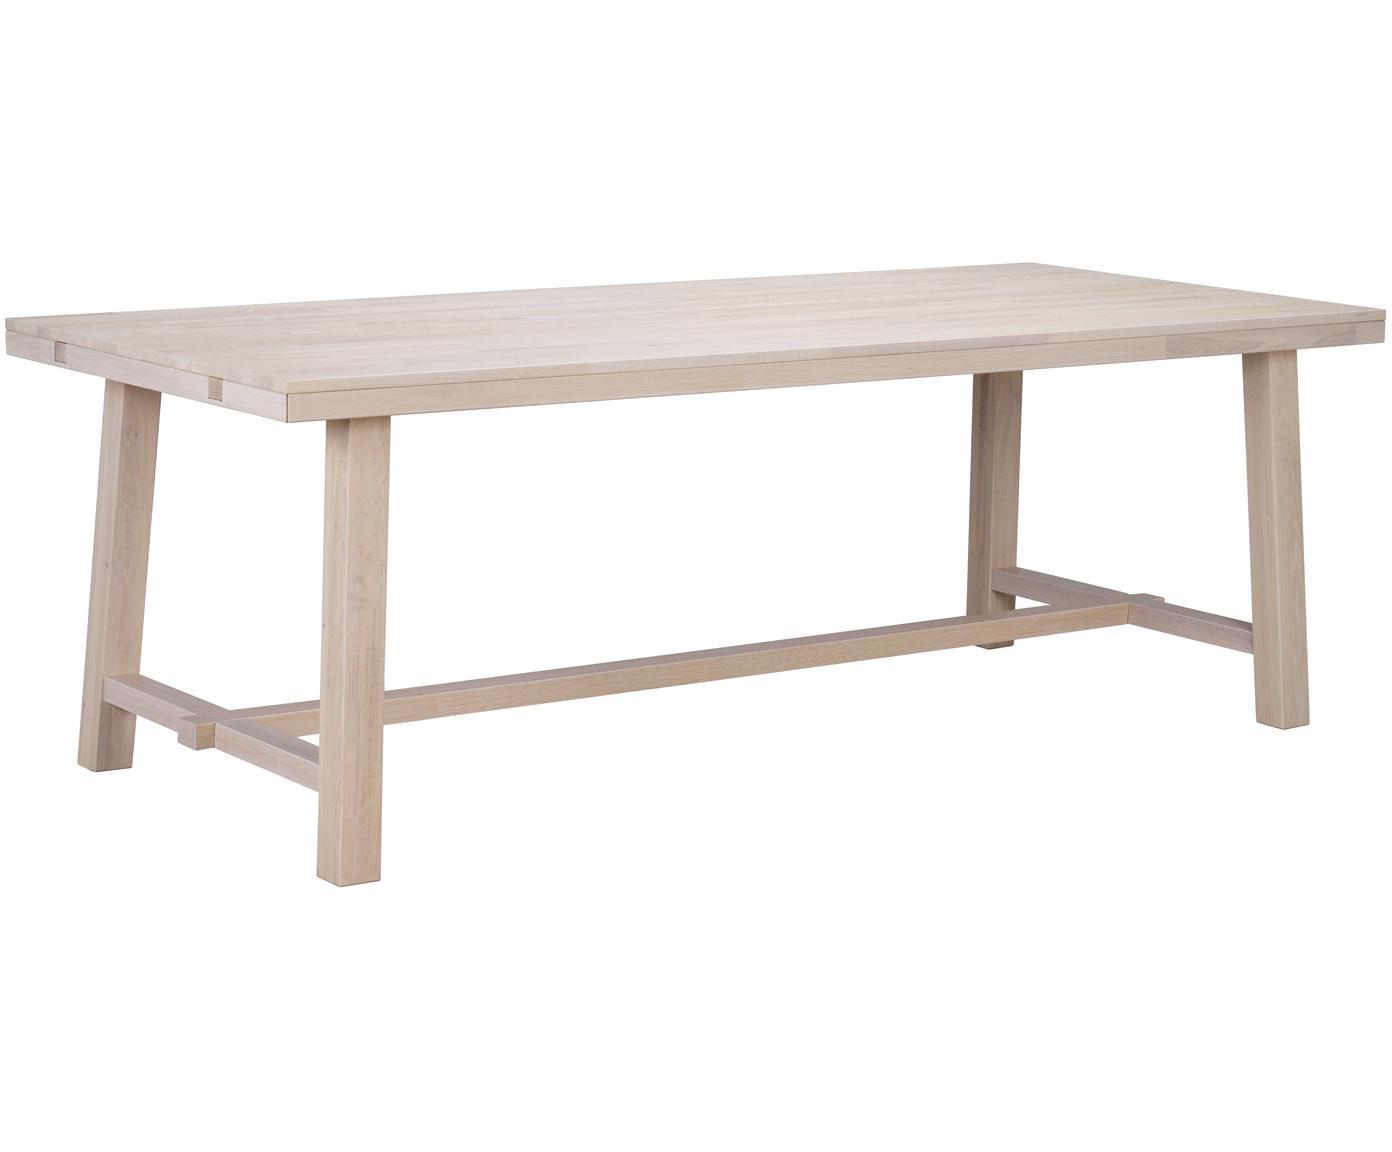 Mesa de comedor grade de madera maciza Brooklyn, Madera de roble maciza con lavado en blanco y engrasada, Roble con lavado en blanco, An 220 x F 95 cm